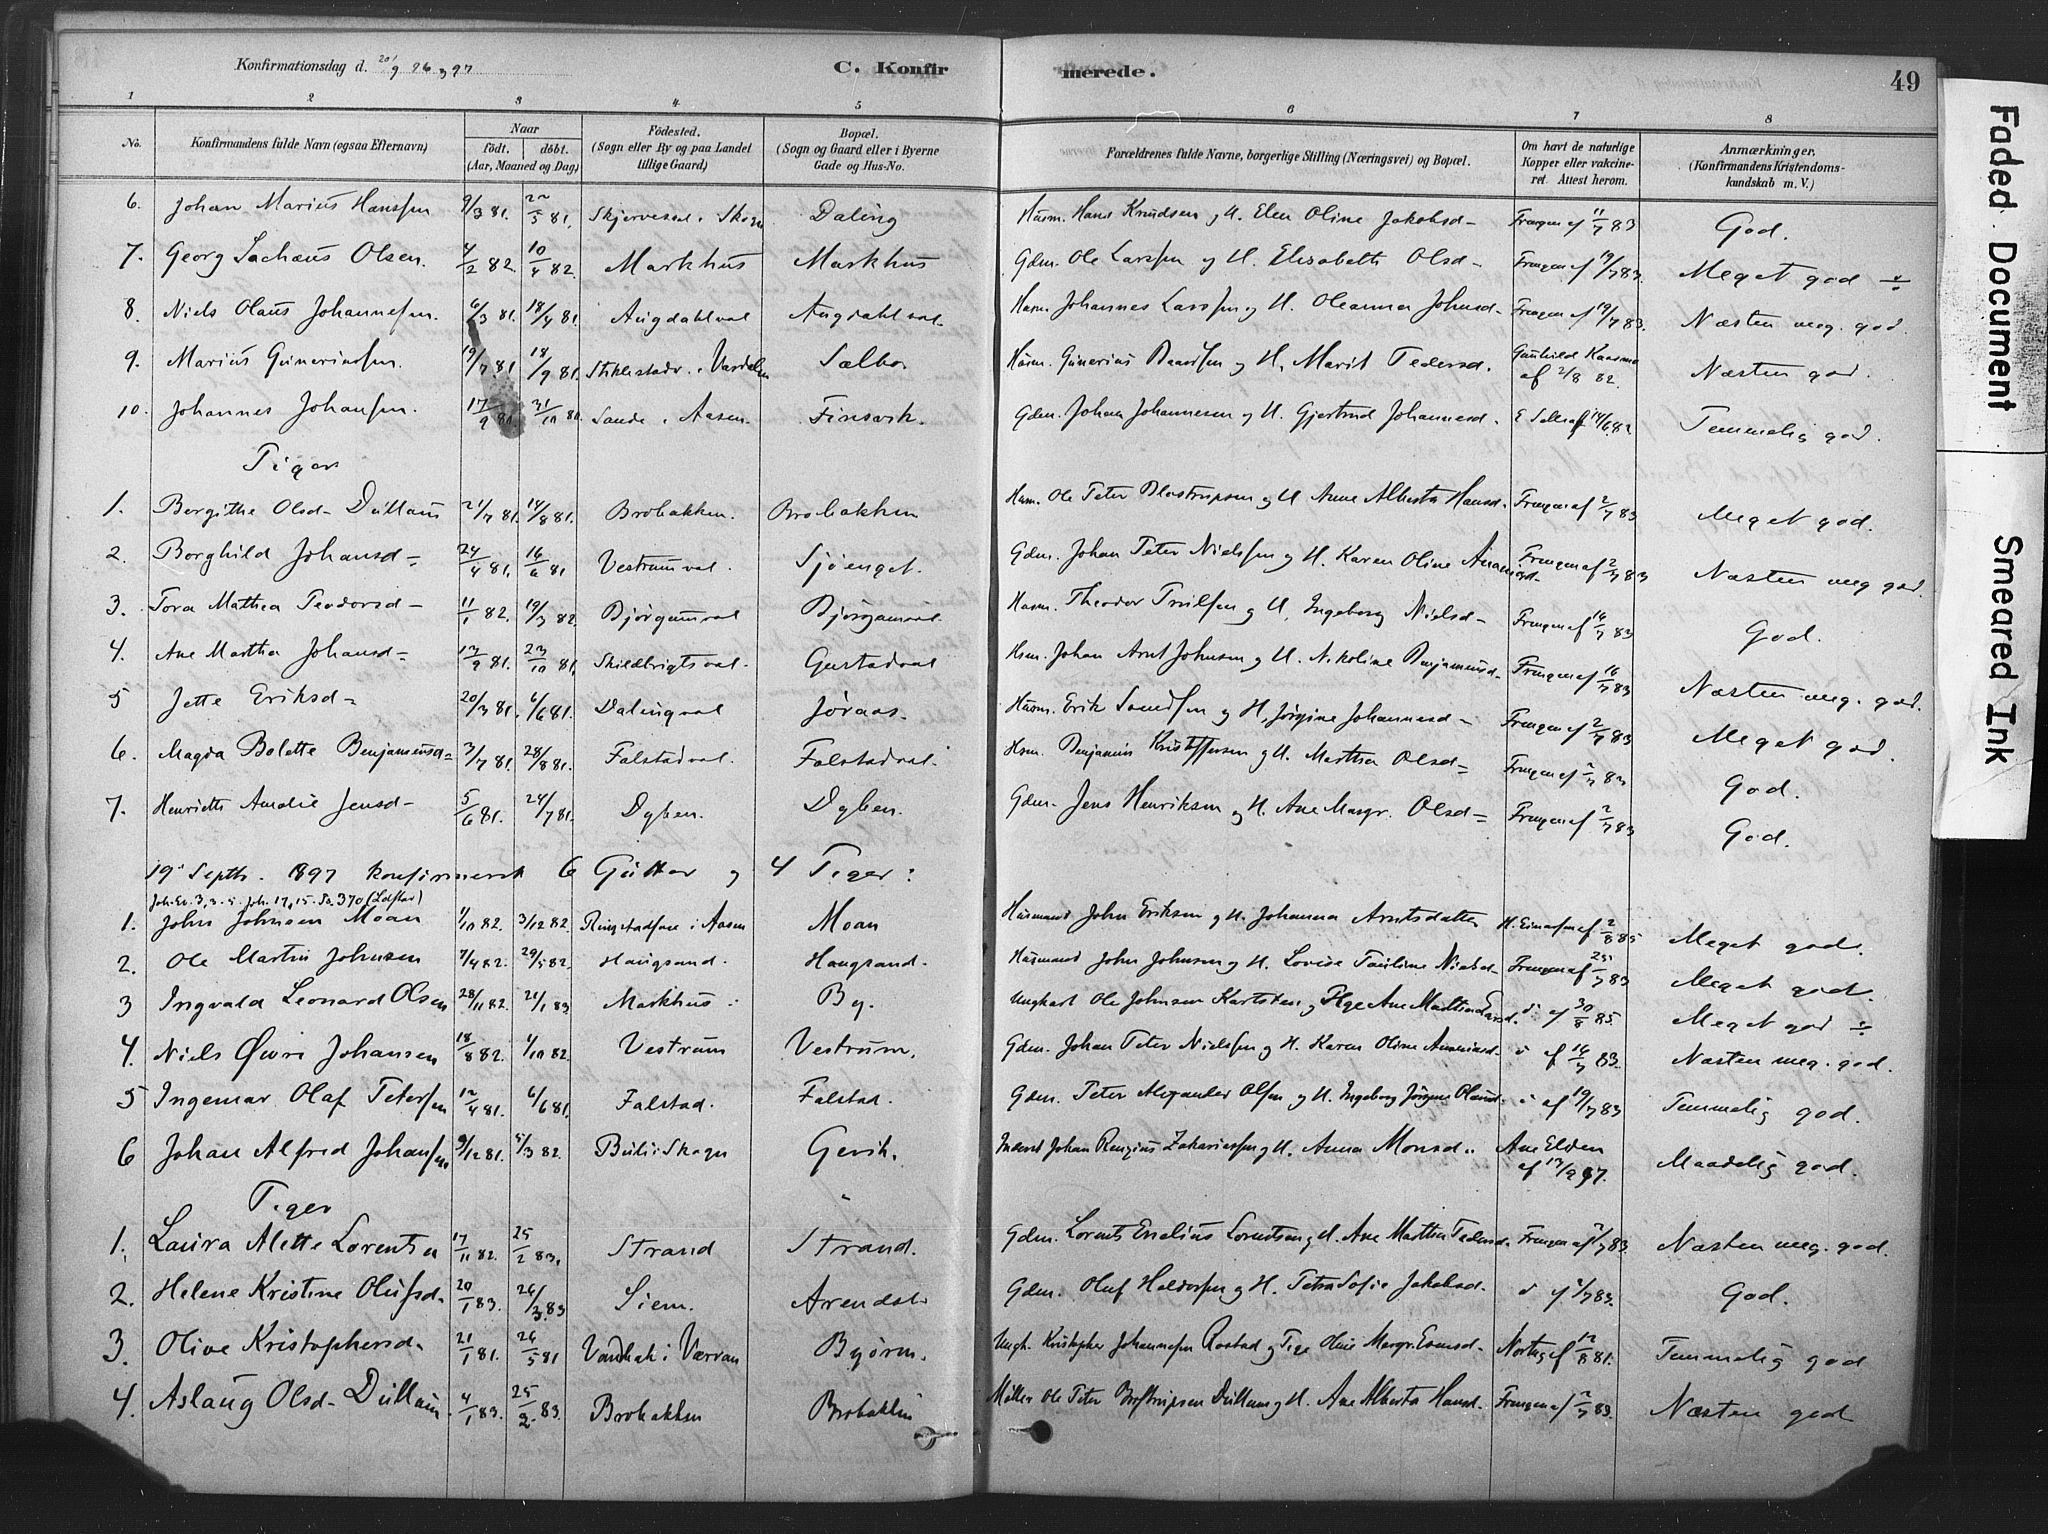 SAT, Ministerialprotokoller, klokkerbøker og fødselsregistre - Nord-Trøndelag, 719/L0178: Ministerialbok nr. 719A01, 1878-1900, s. 49